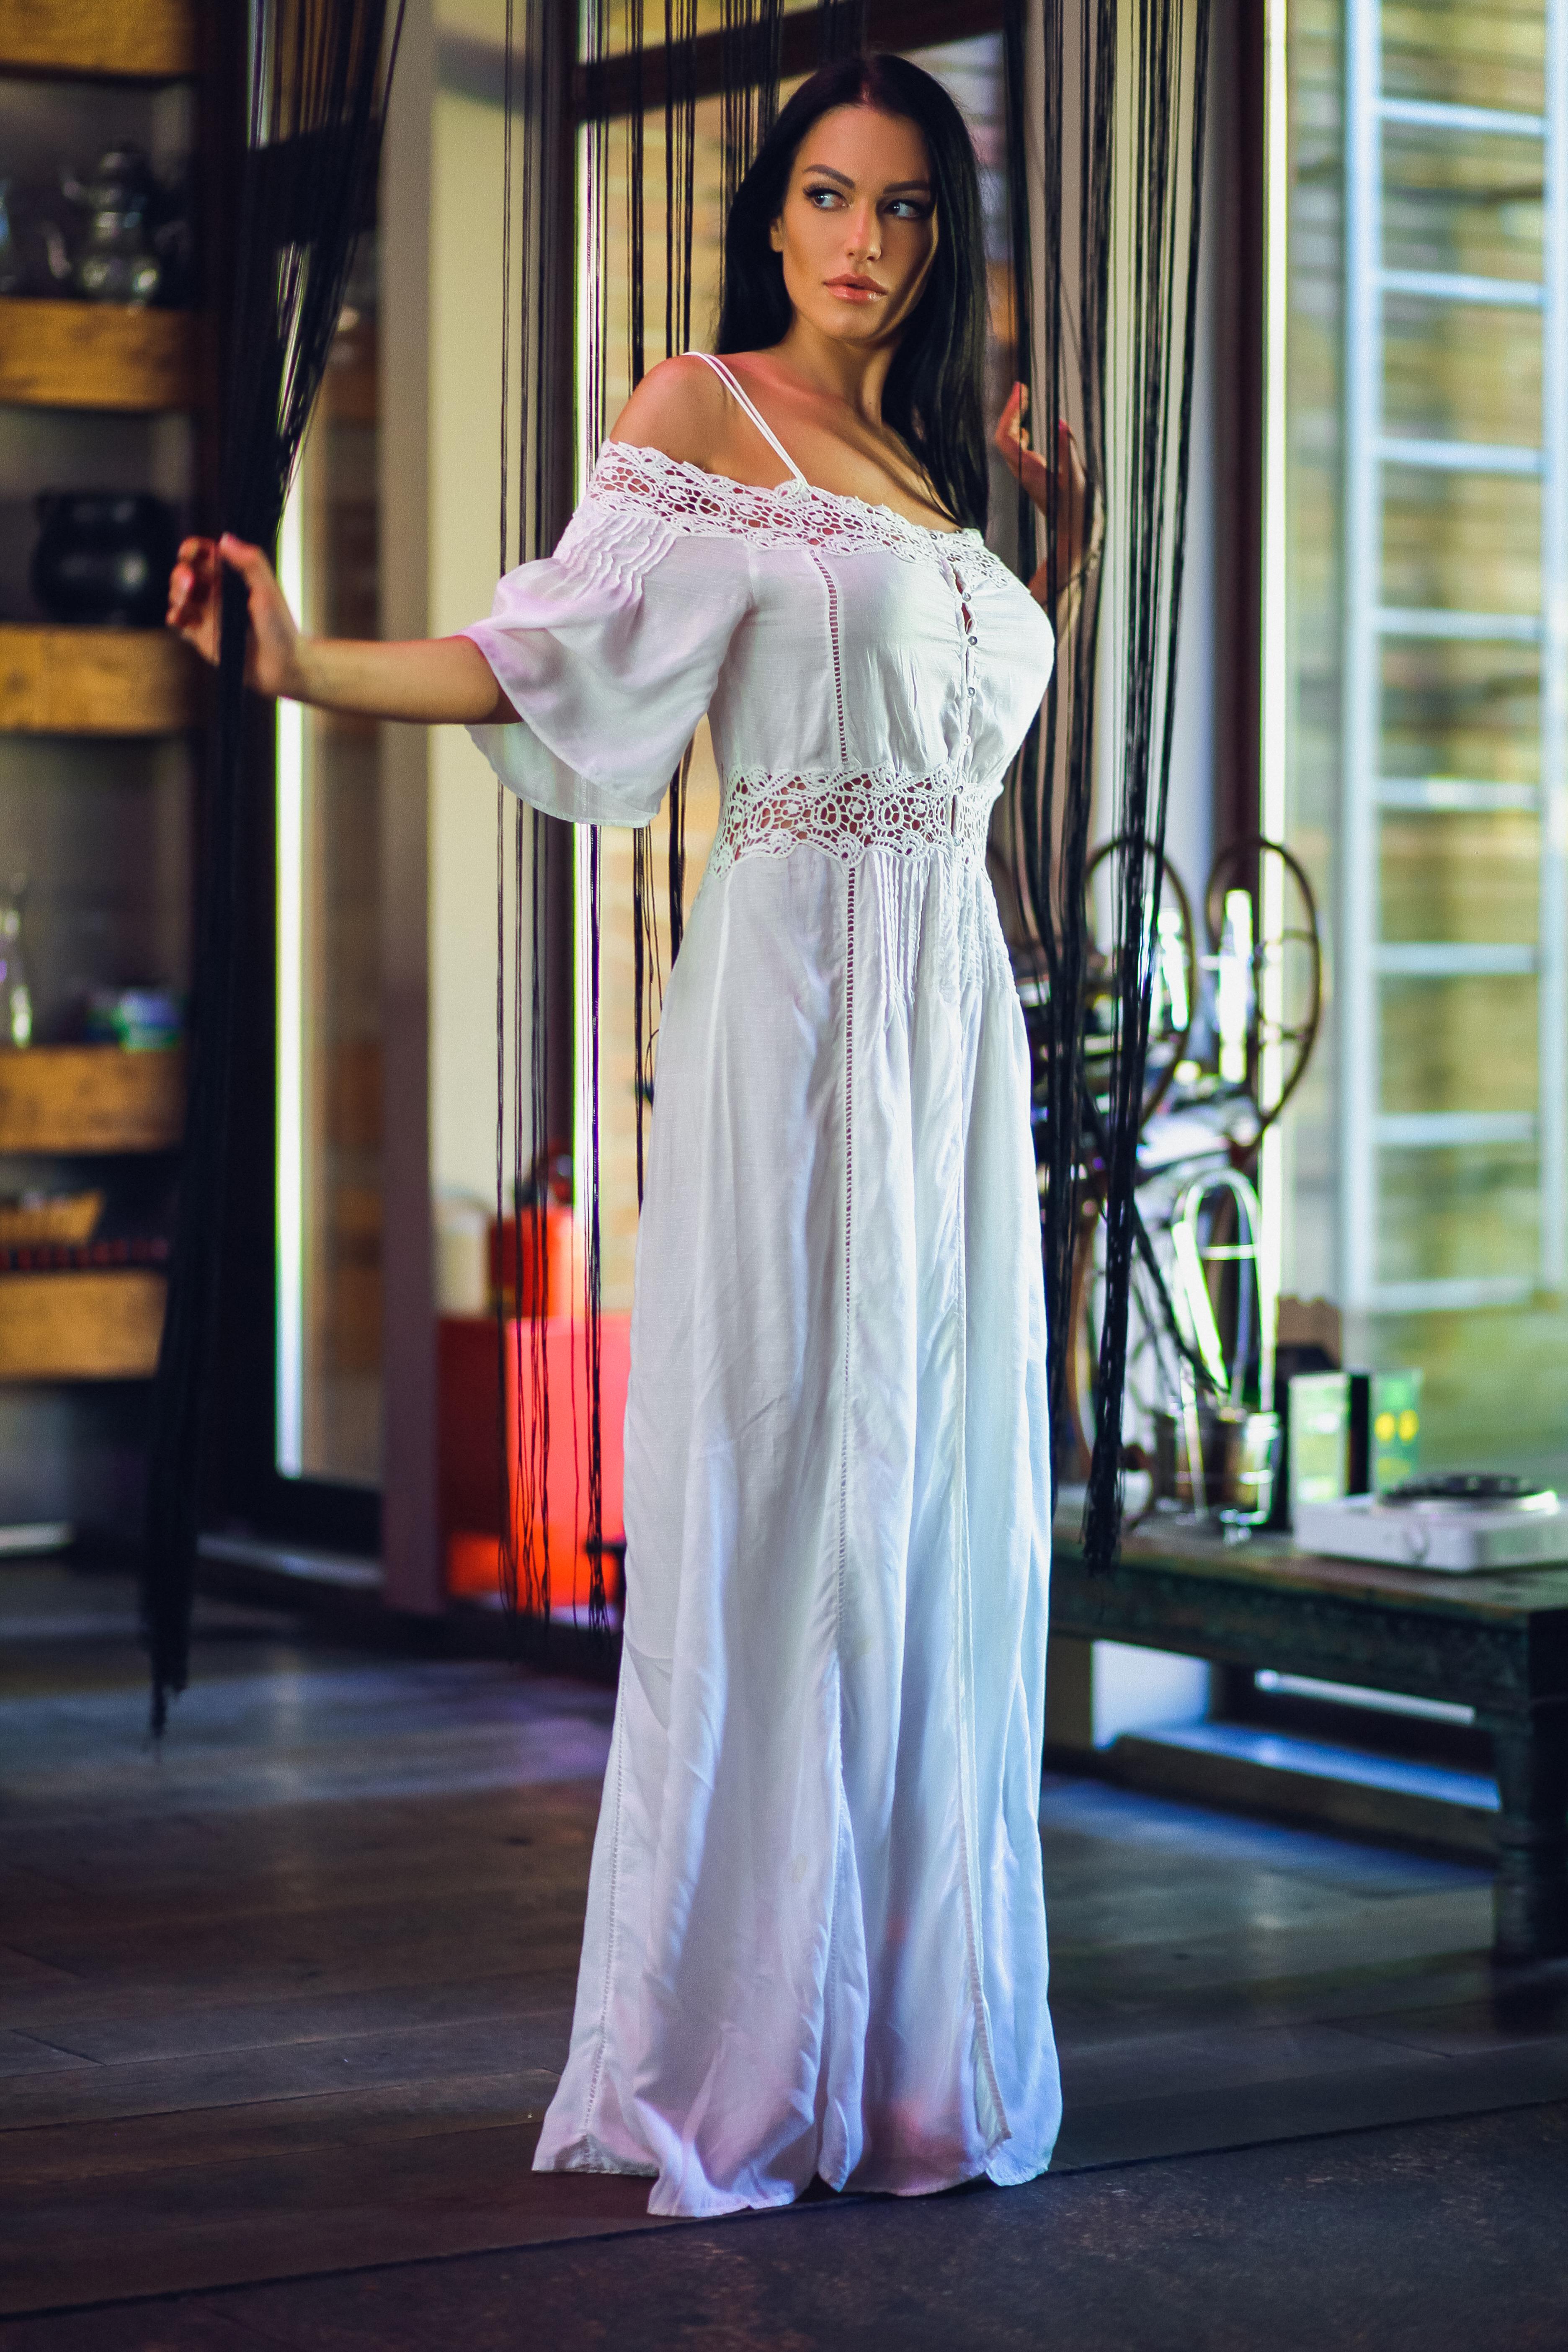 брюнетка в легком летнем платье